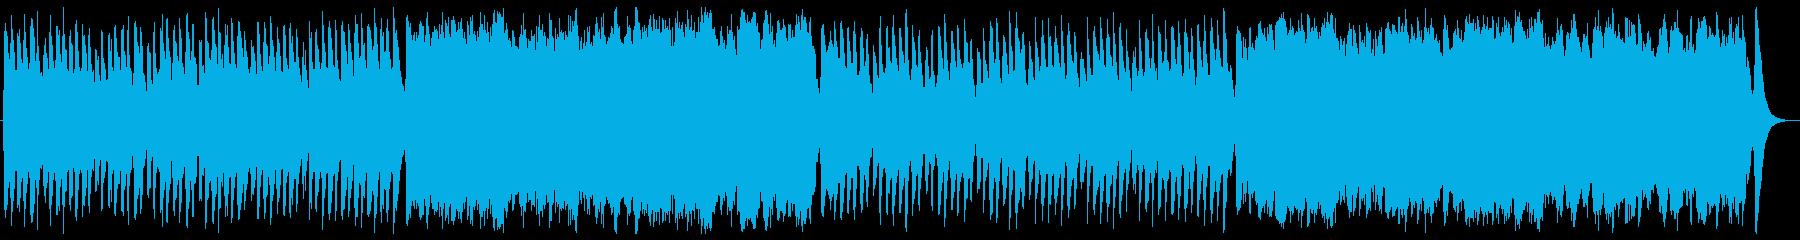 ジングルベル オルゴール&Str.の再生済みの波形